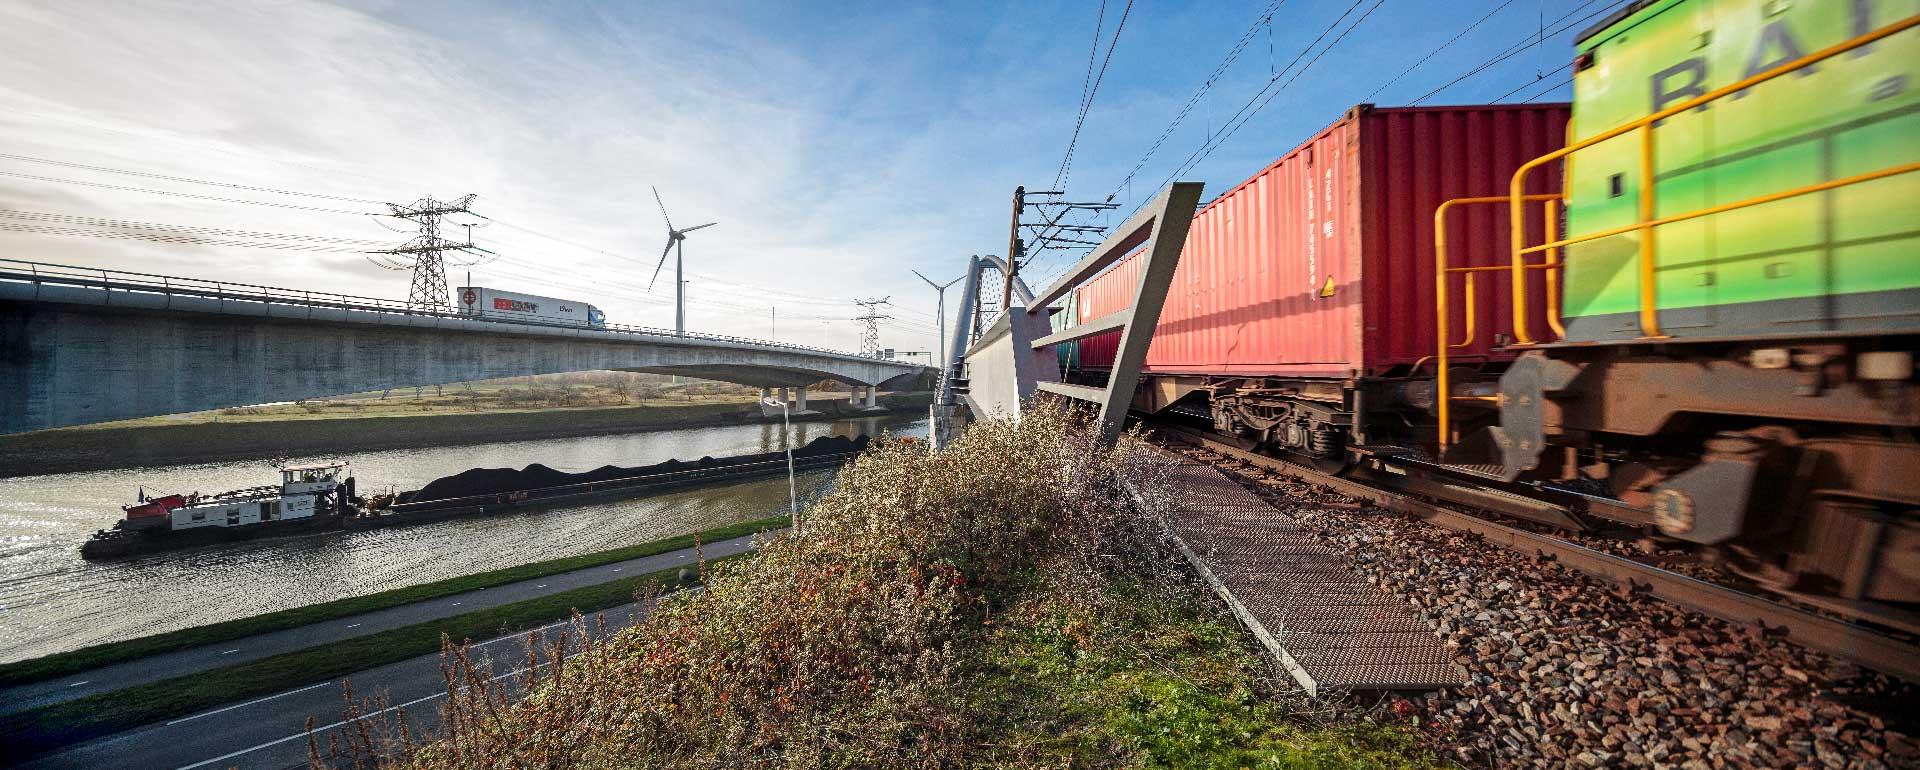 138856-Dintelhavenbrug-V3